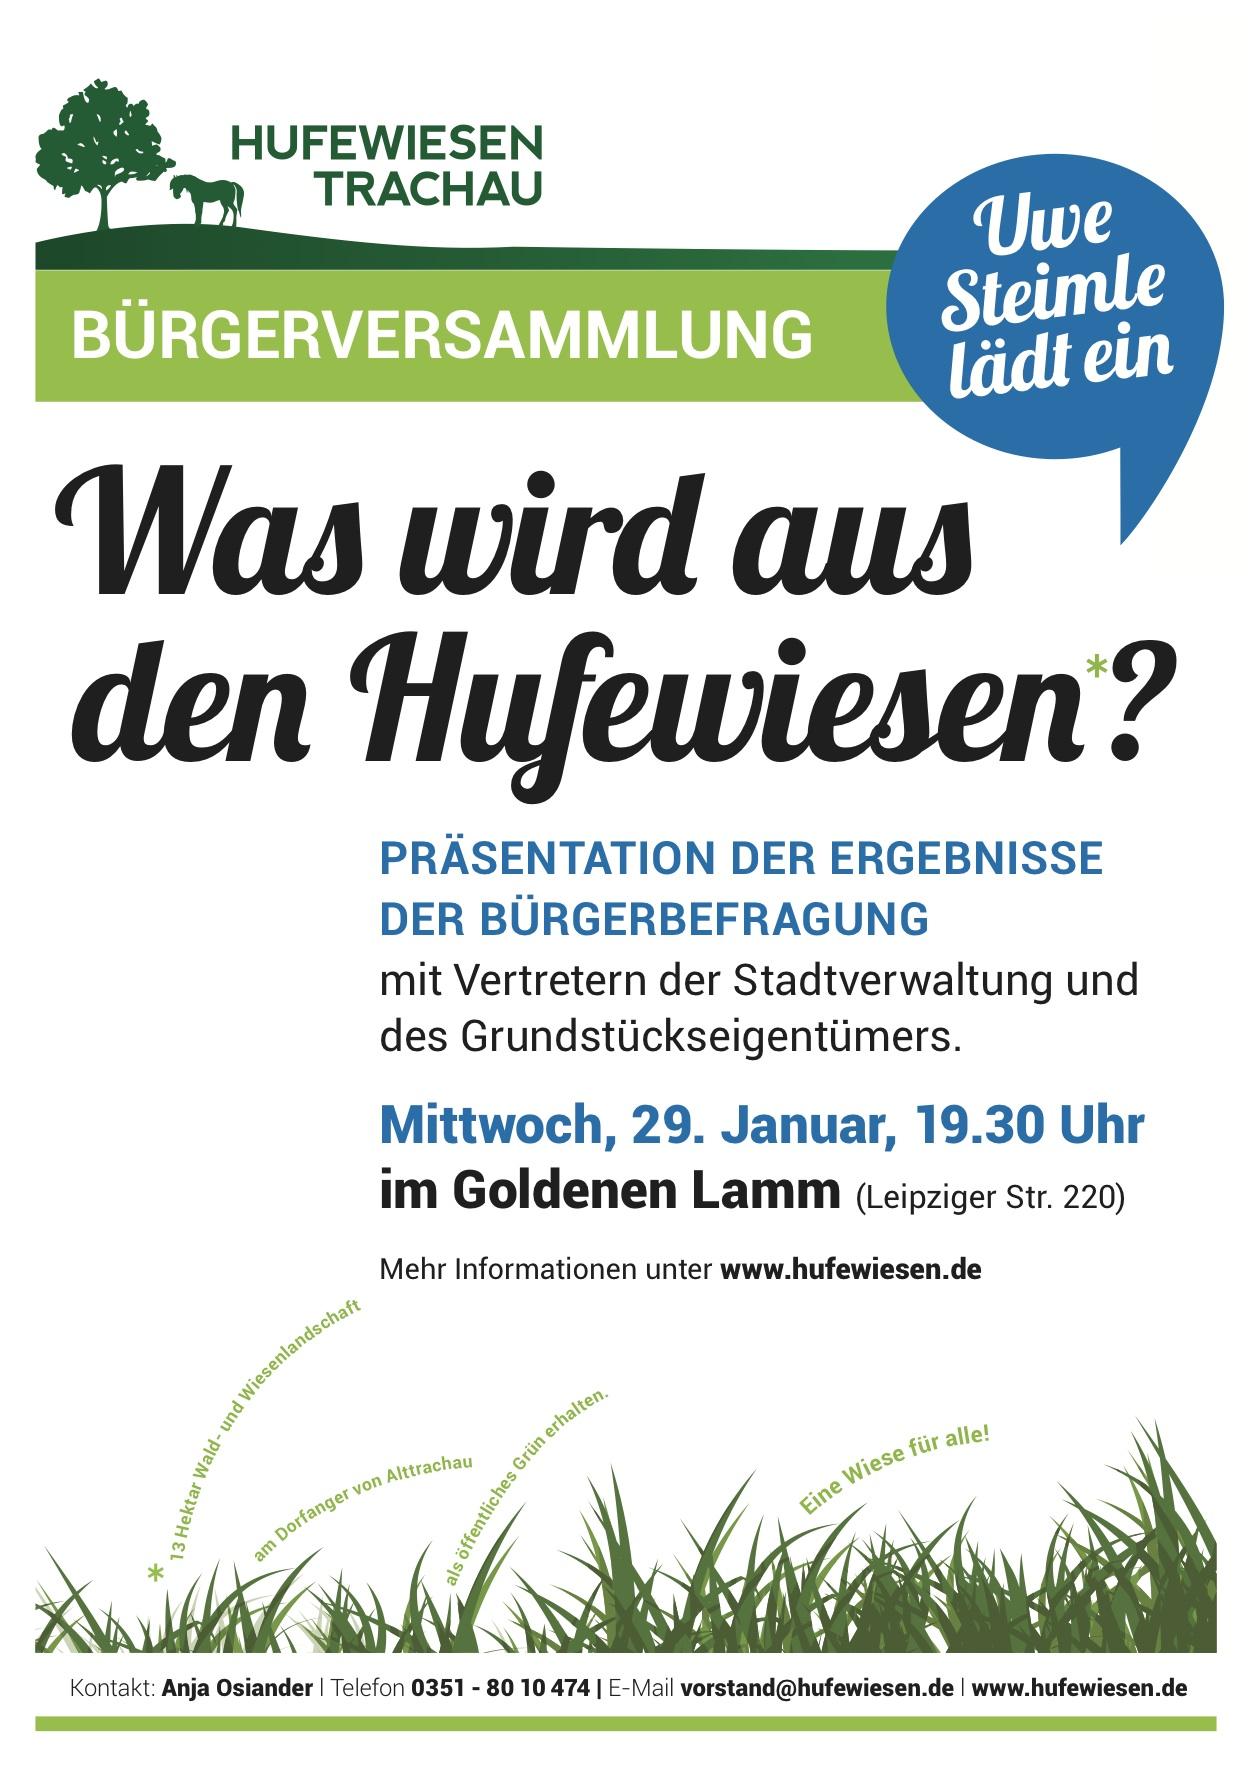 Plakat mit der Einladung zur Bürgerversammlung am 29.1.